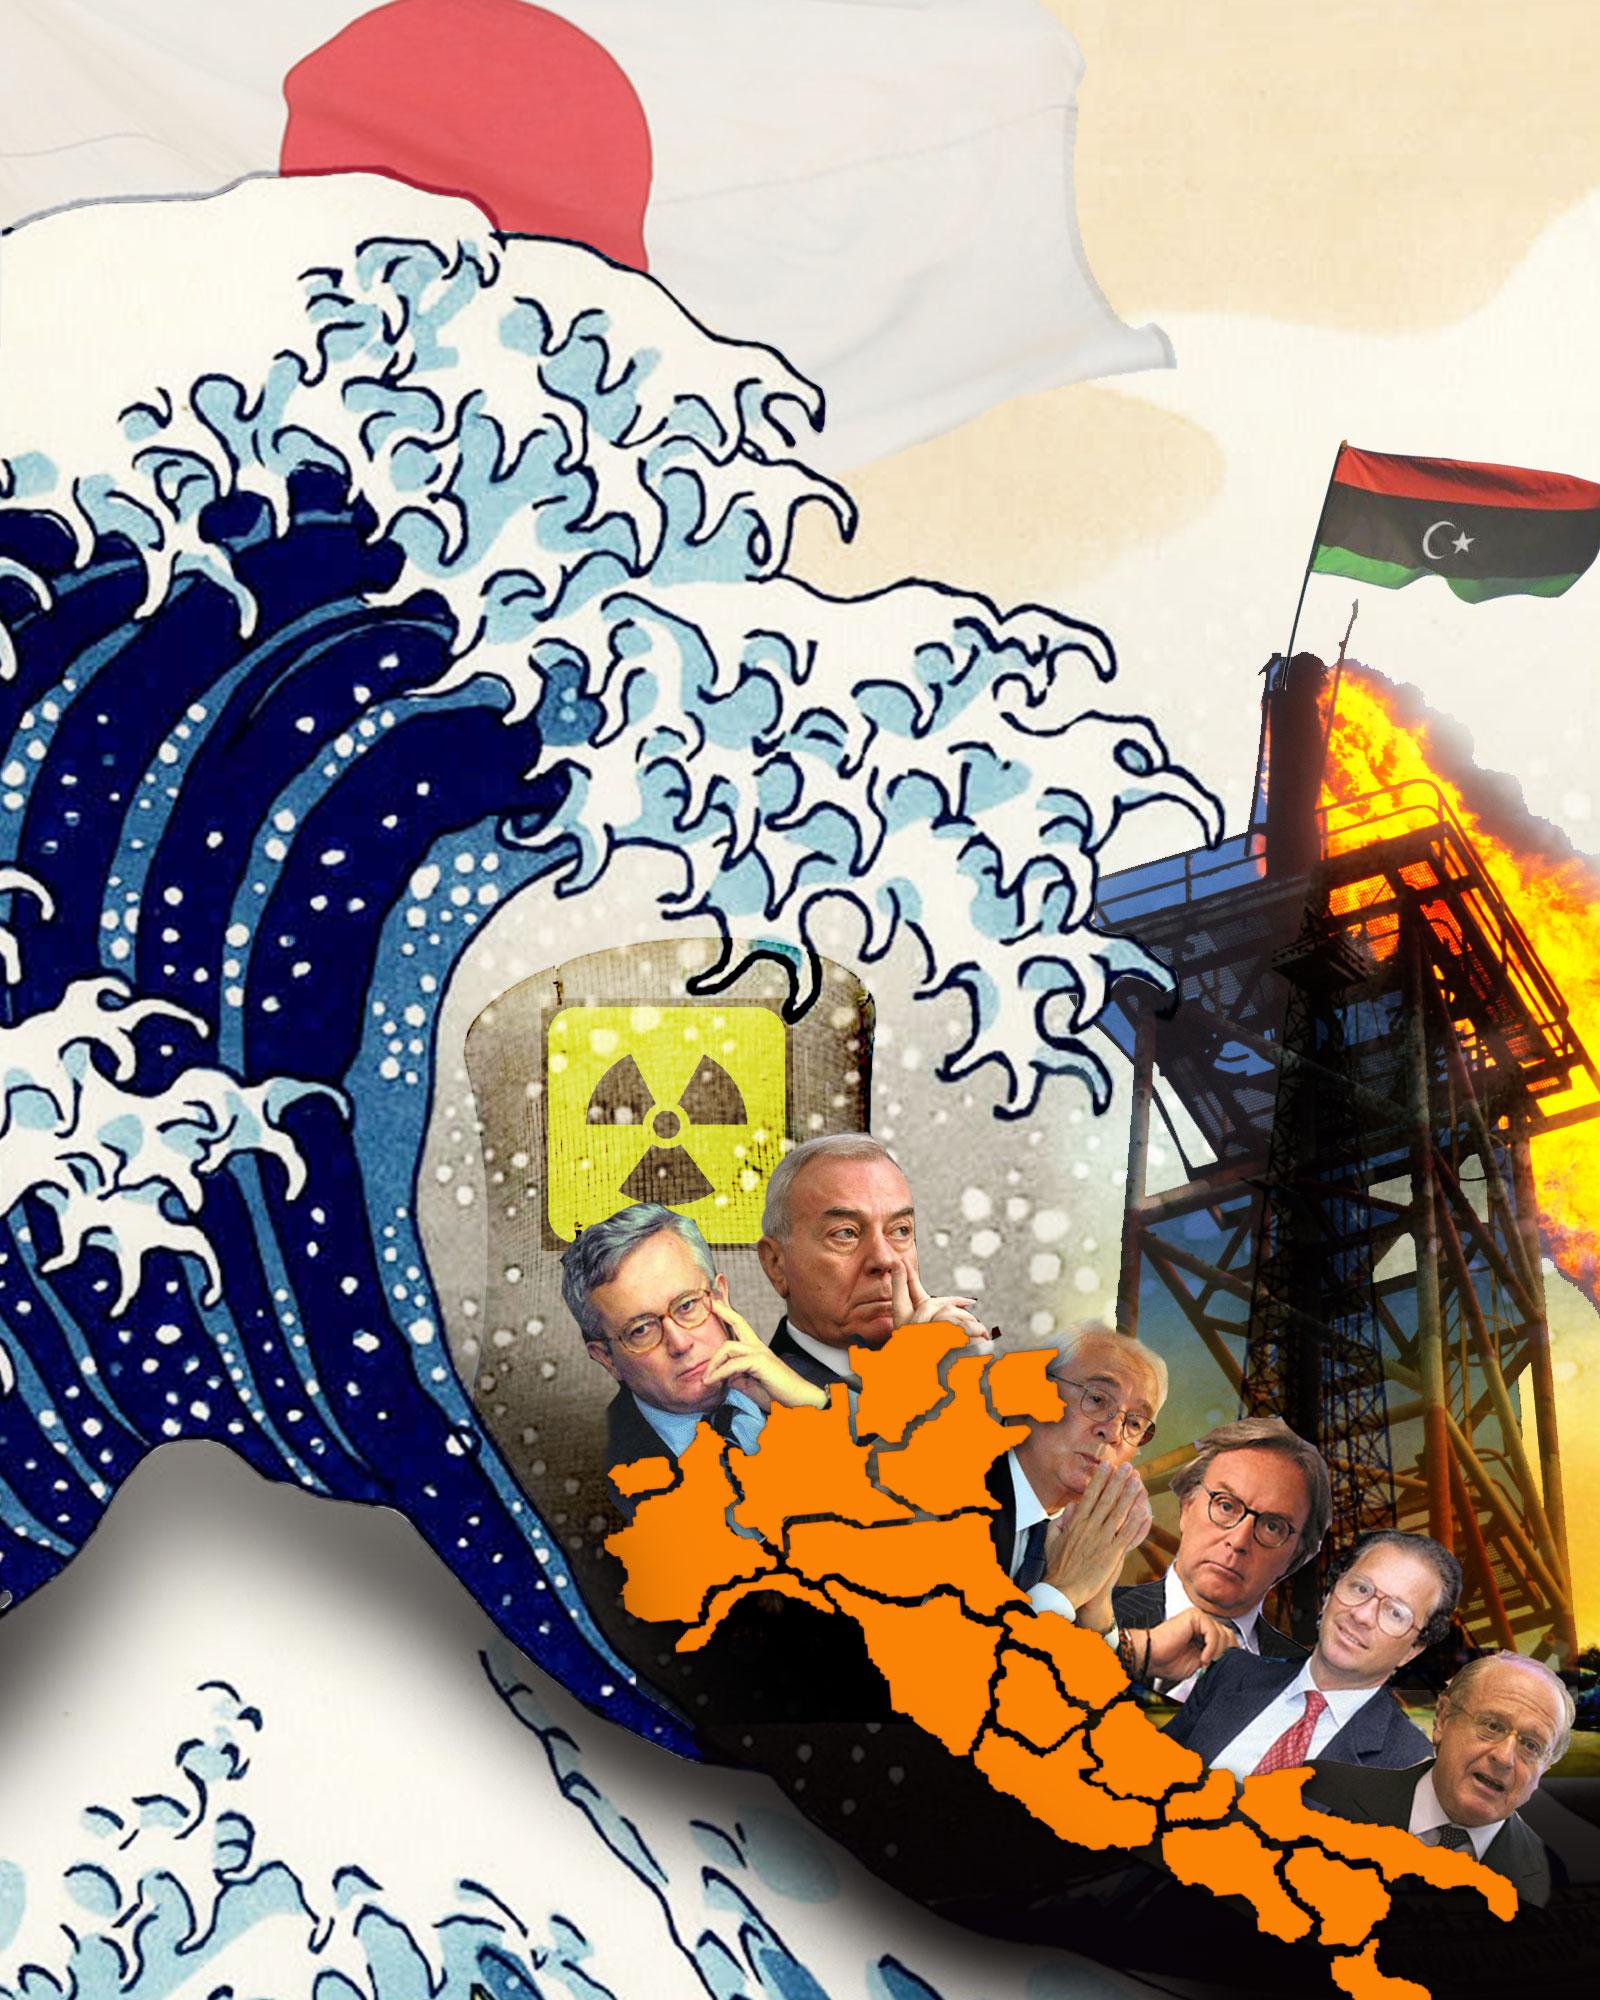 L'Infedele e lo Tsunami che ci piomba in casa